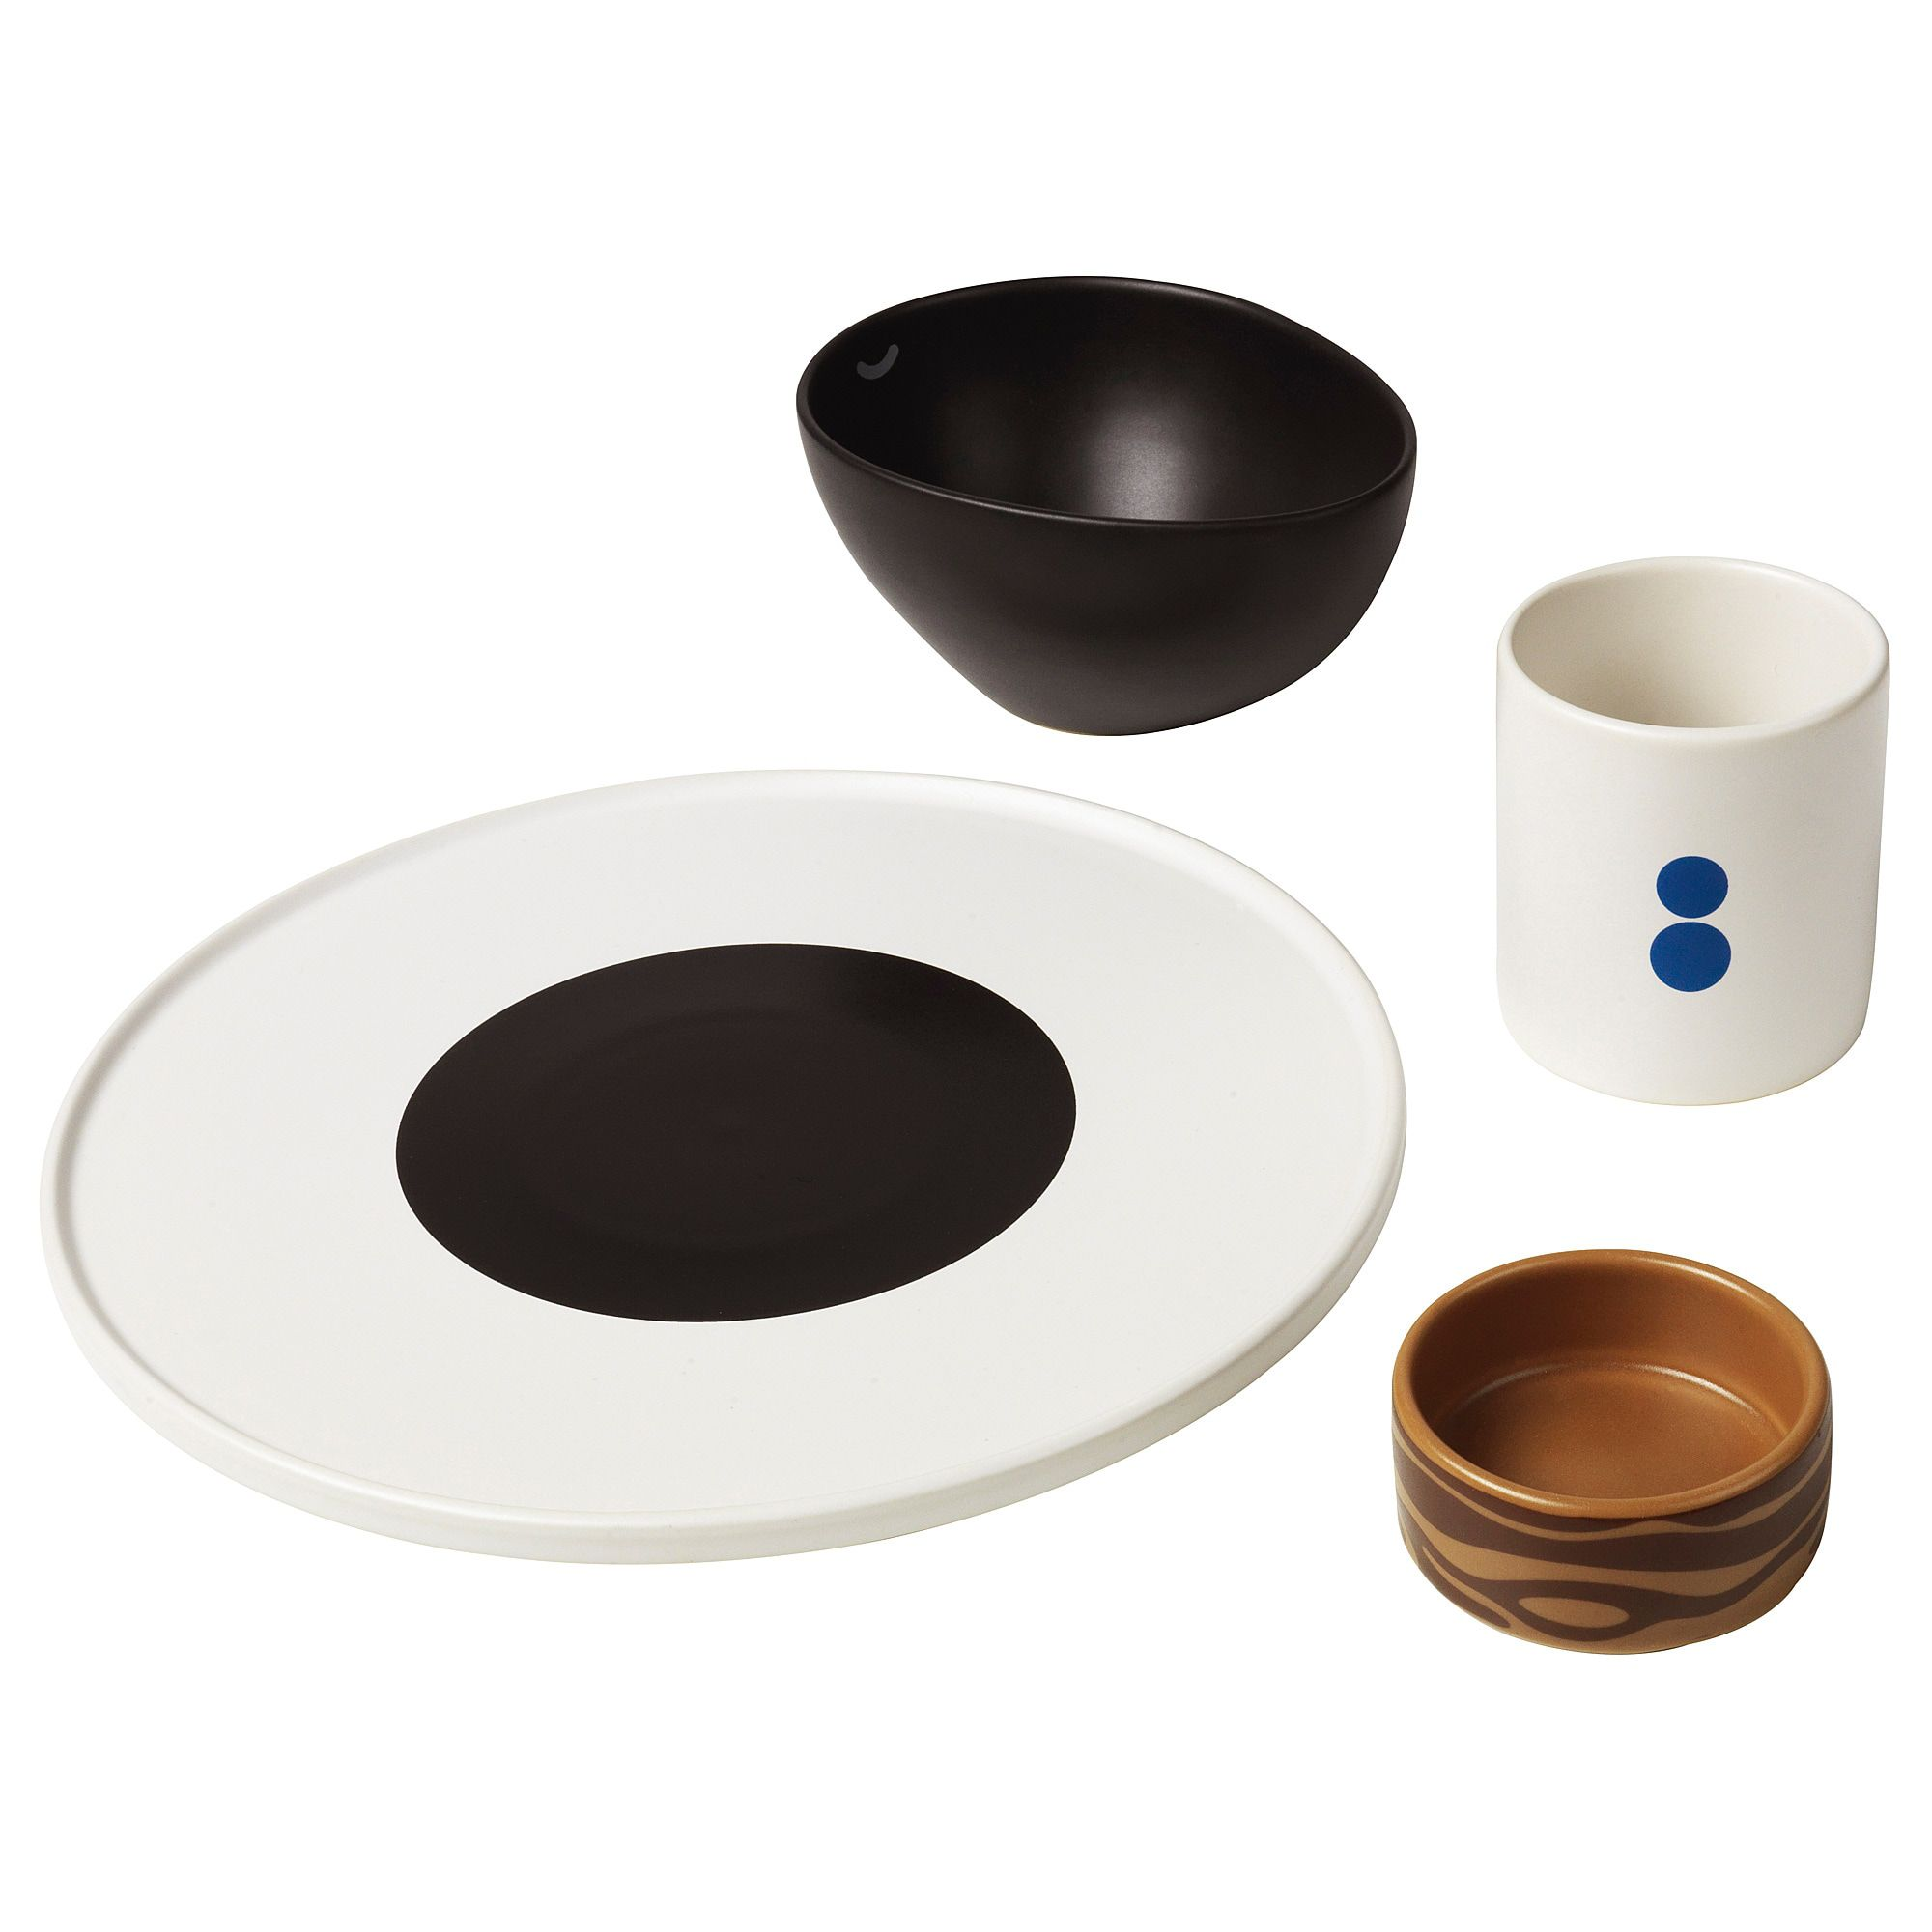 Förnyad 4-Piece Dinnerware Set